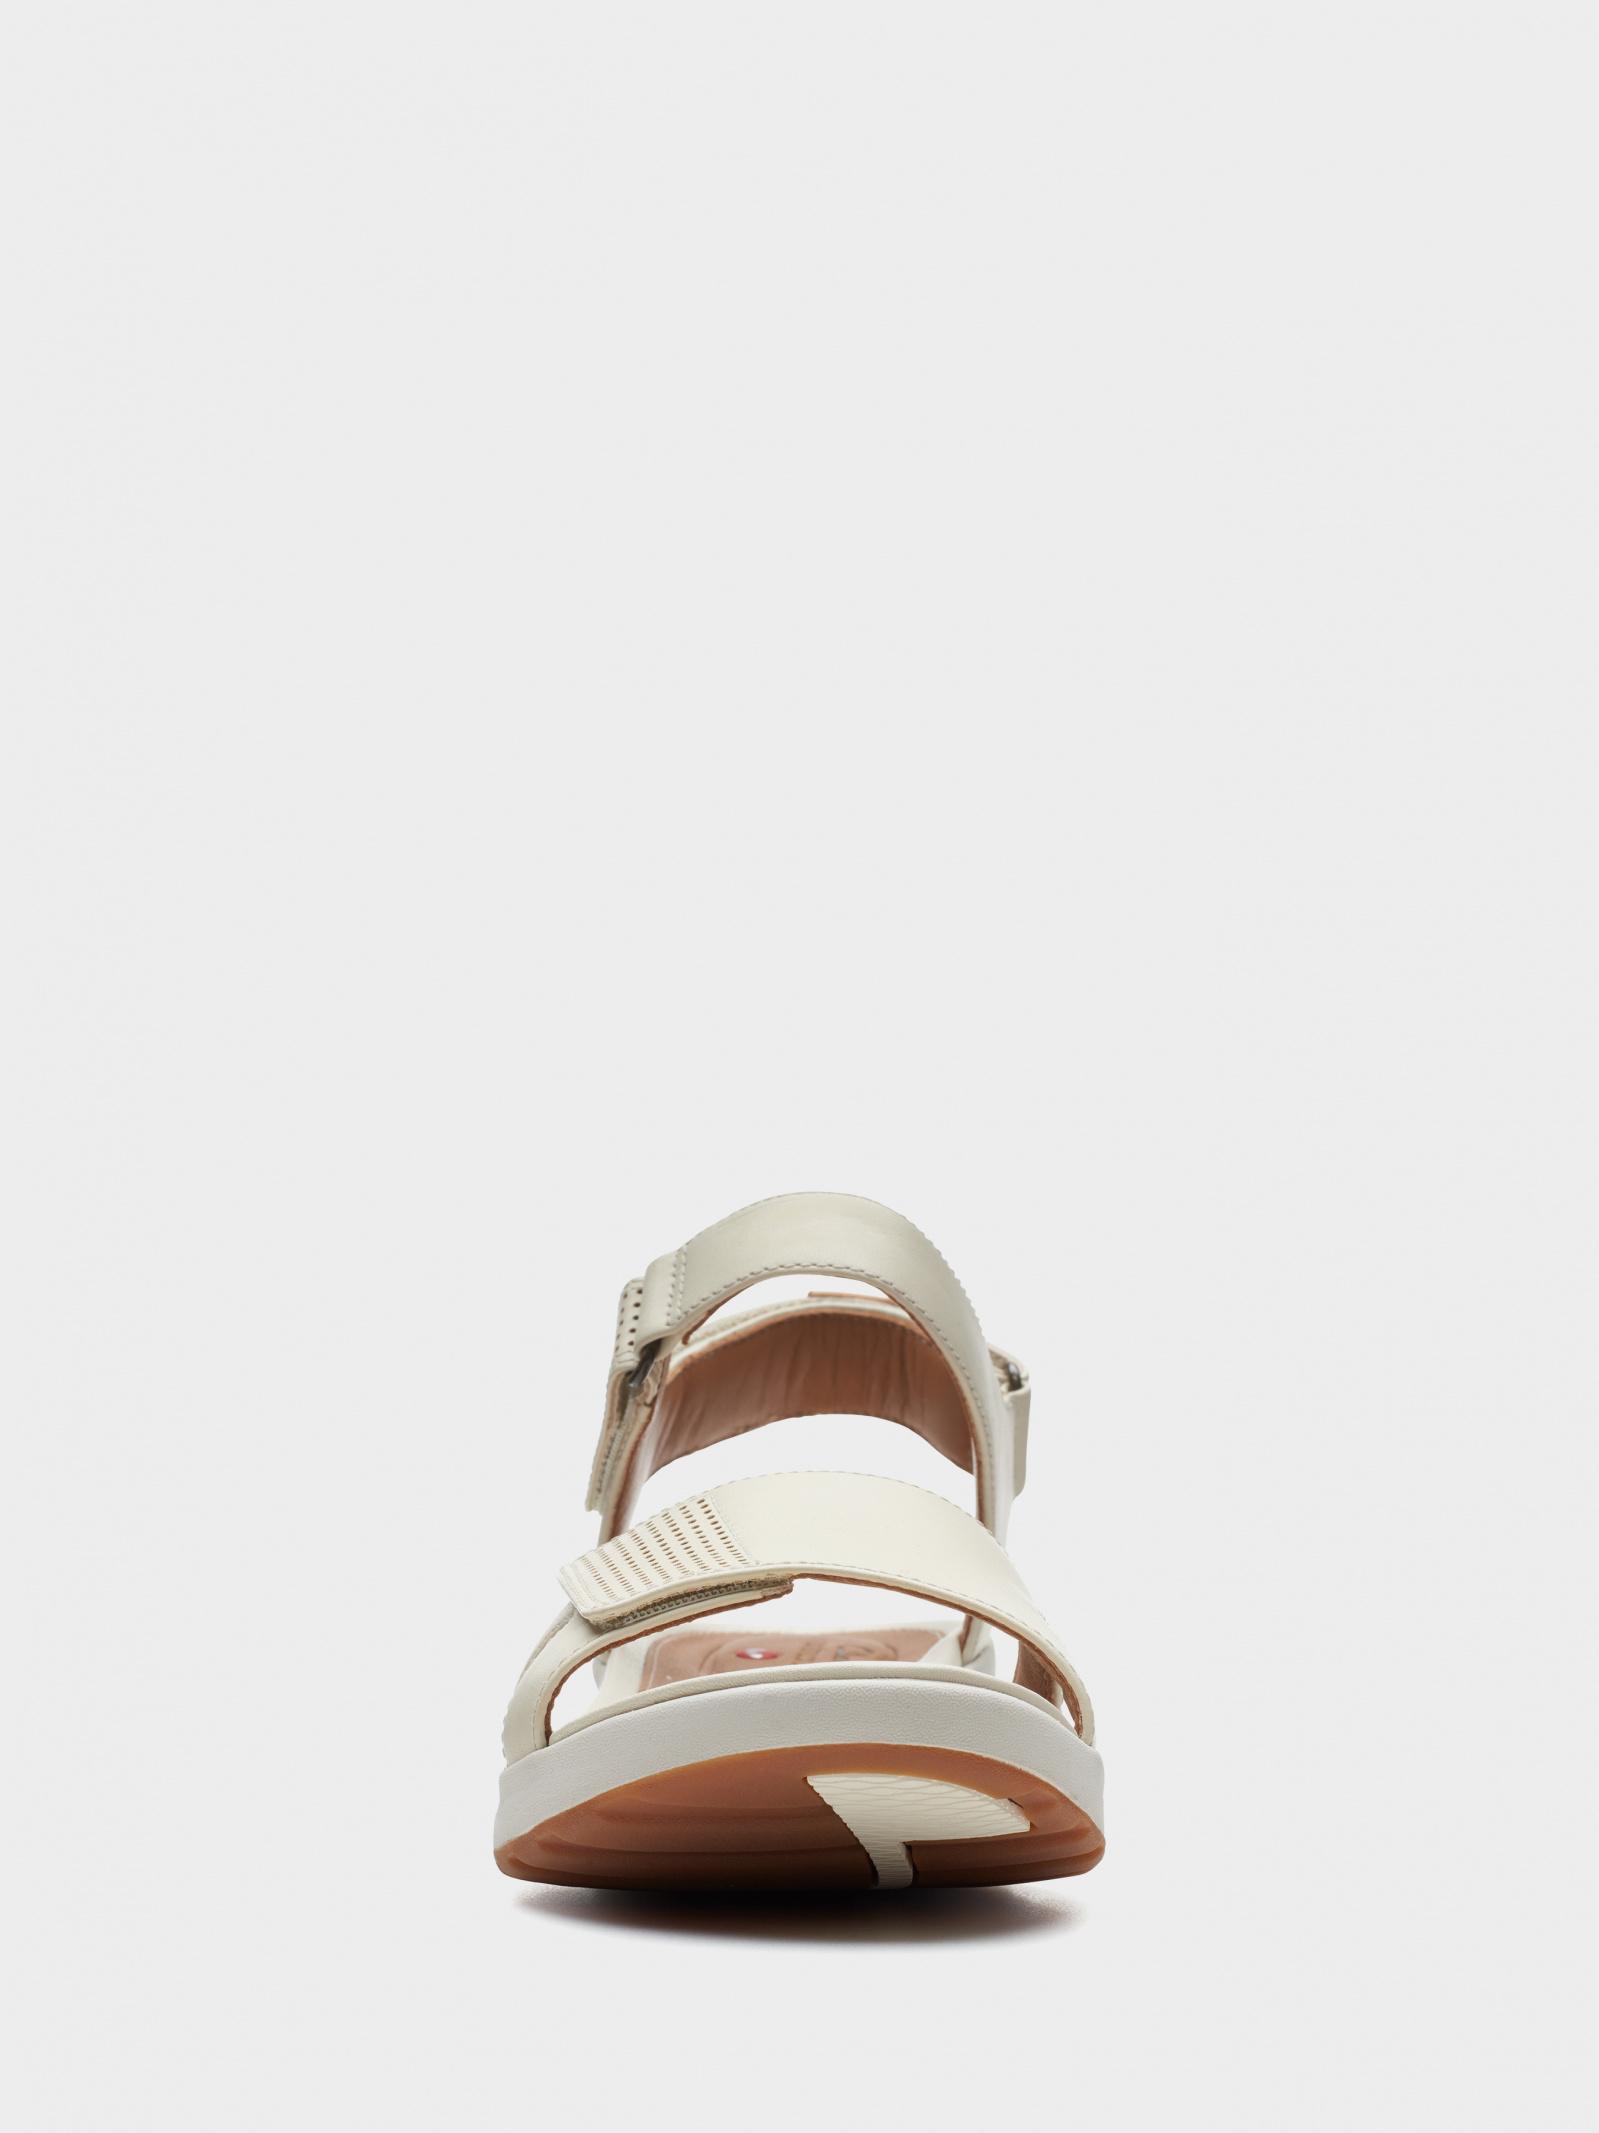 Сандалі  для жінок Clarks 2614-8723 модне взуття, 2017